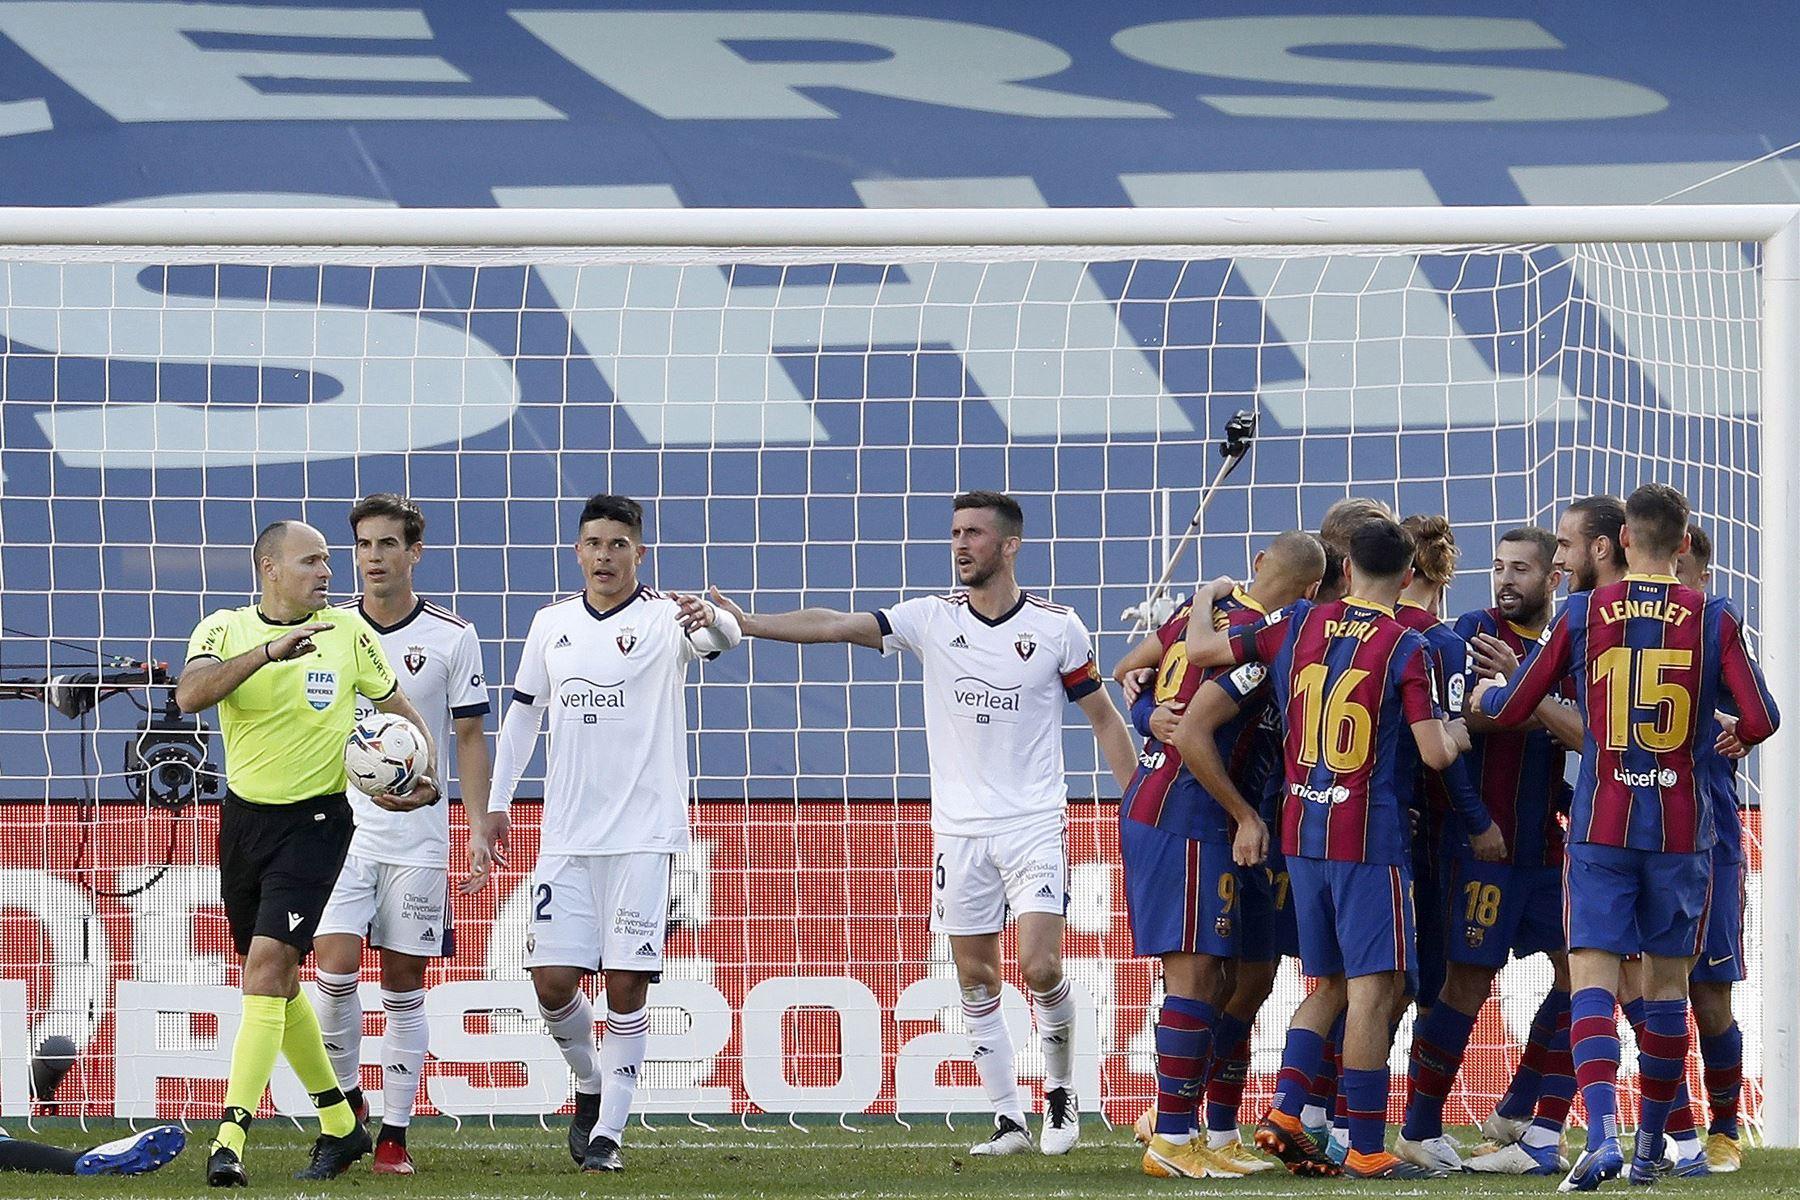 Los jugadores del FC Barcelona celebran tras anotar ante Osasuna durante el partido de la Liga española en el estadio Camp Nou. Foto: EFE